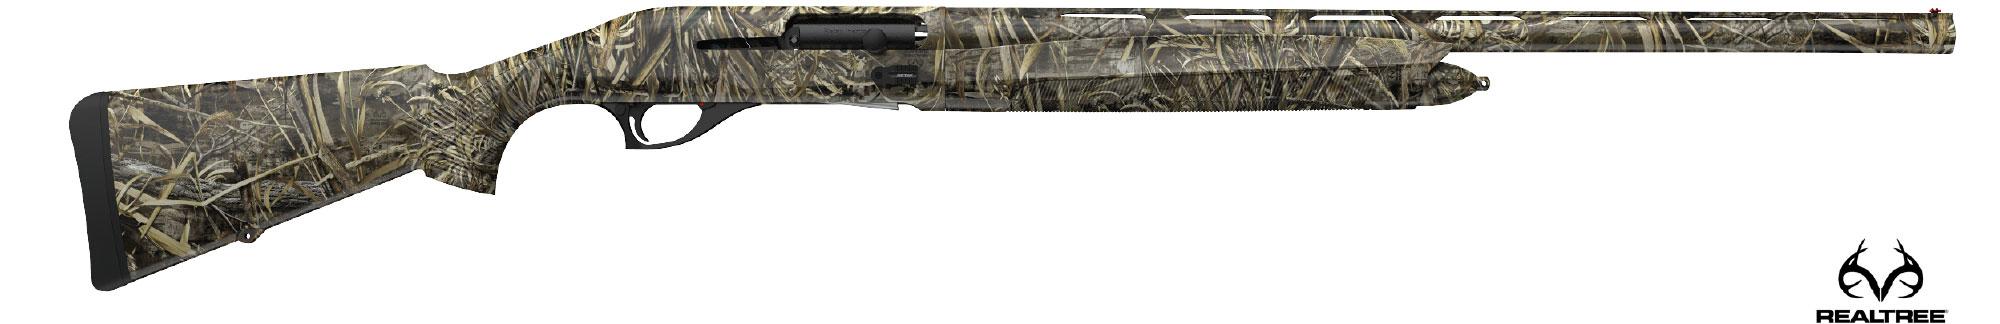 Masai Mara Max-5 SP